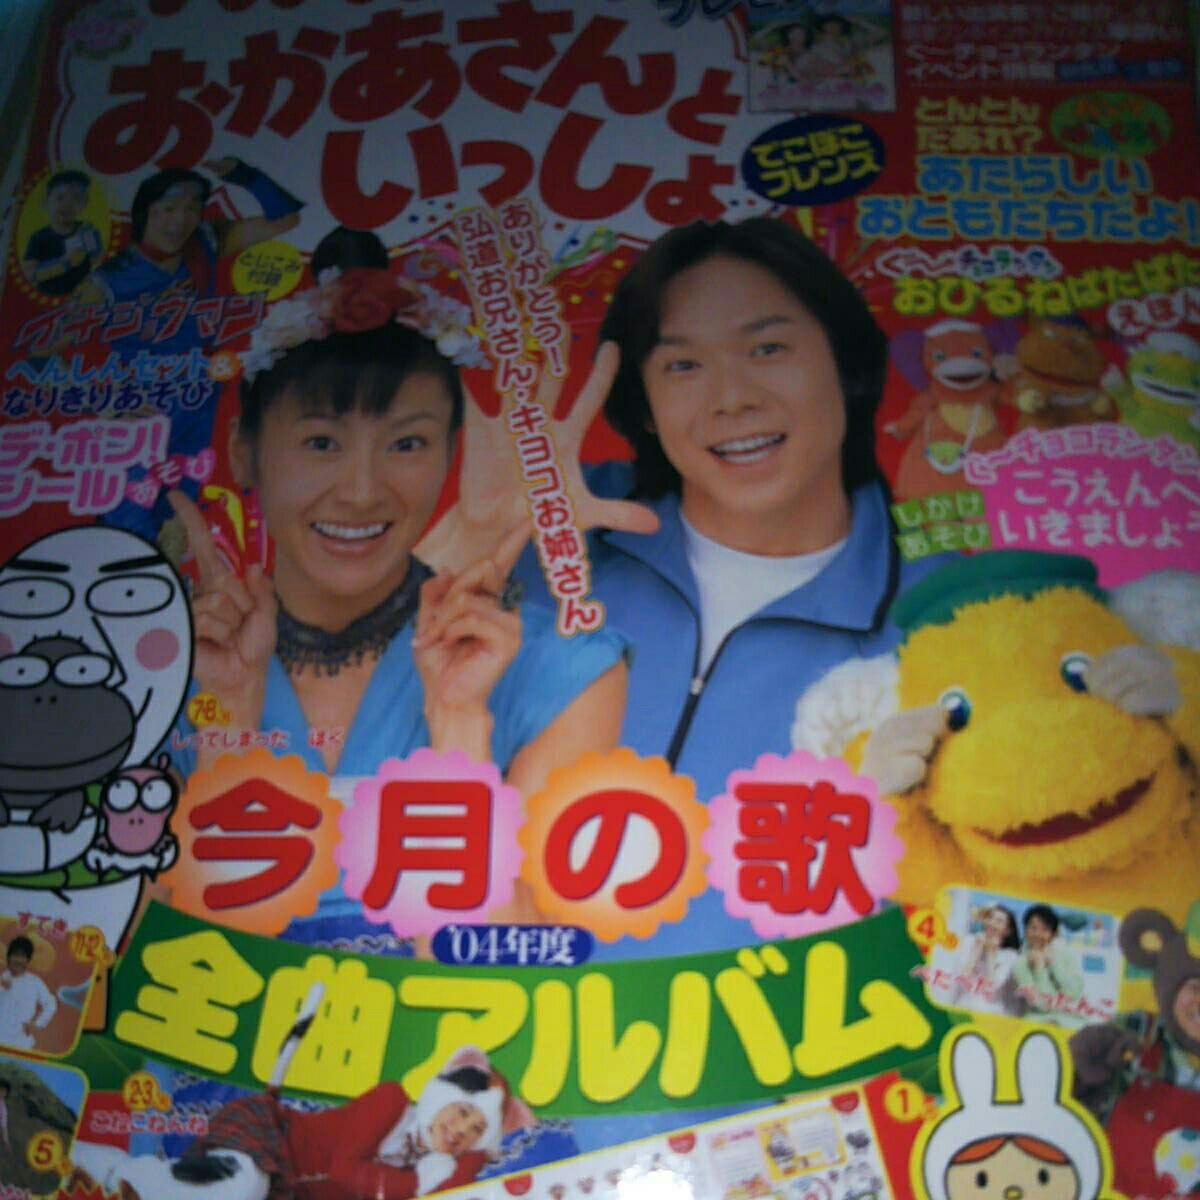 中古 雑誌nhkおかあさんといっしょ 2005年4月号 今井ゆうぞう